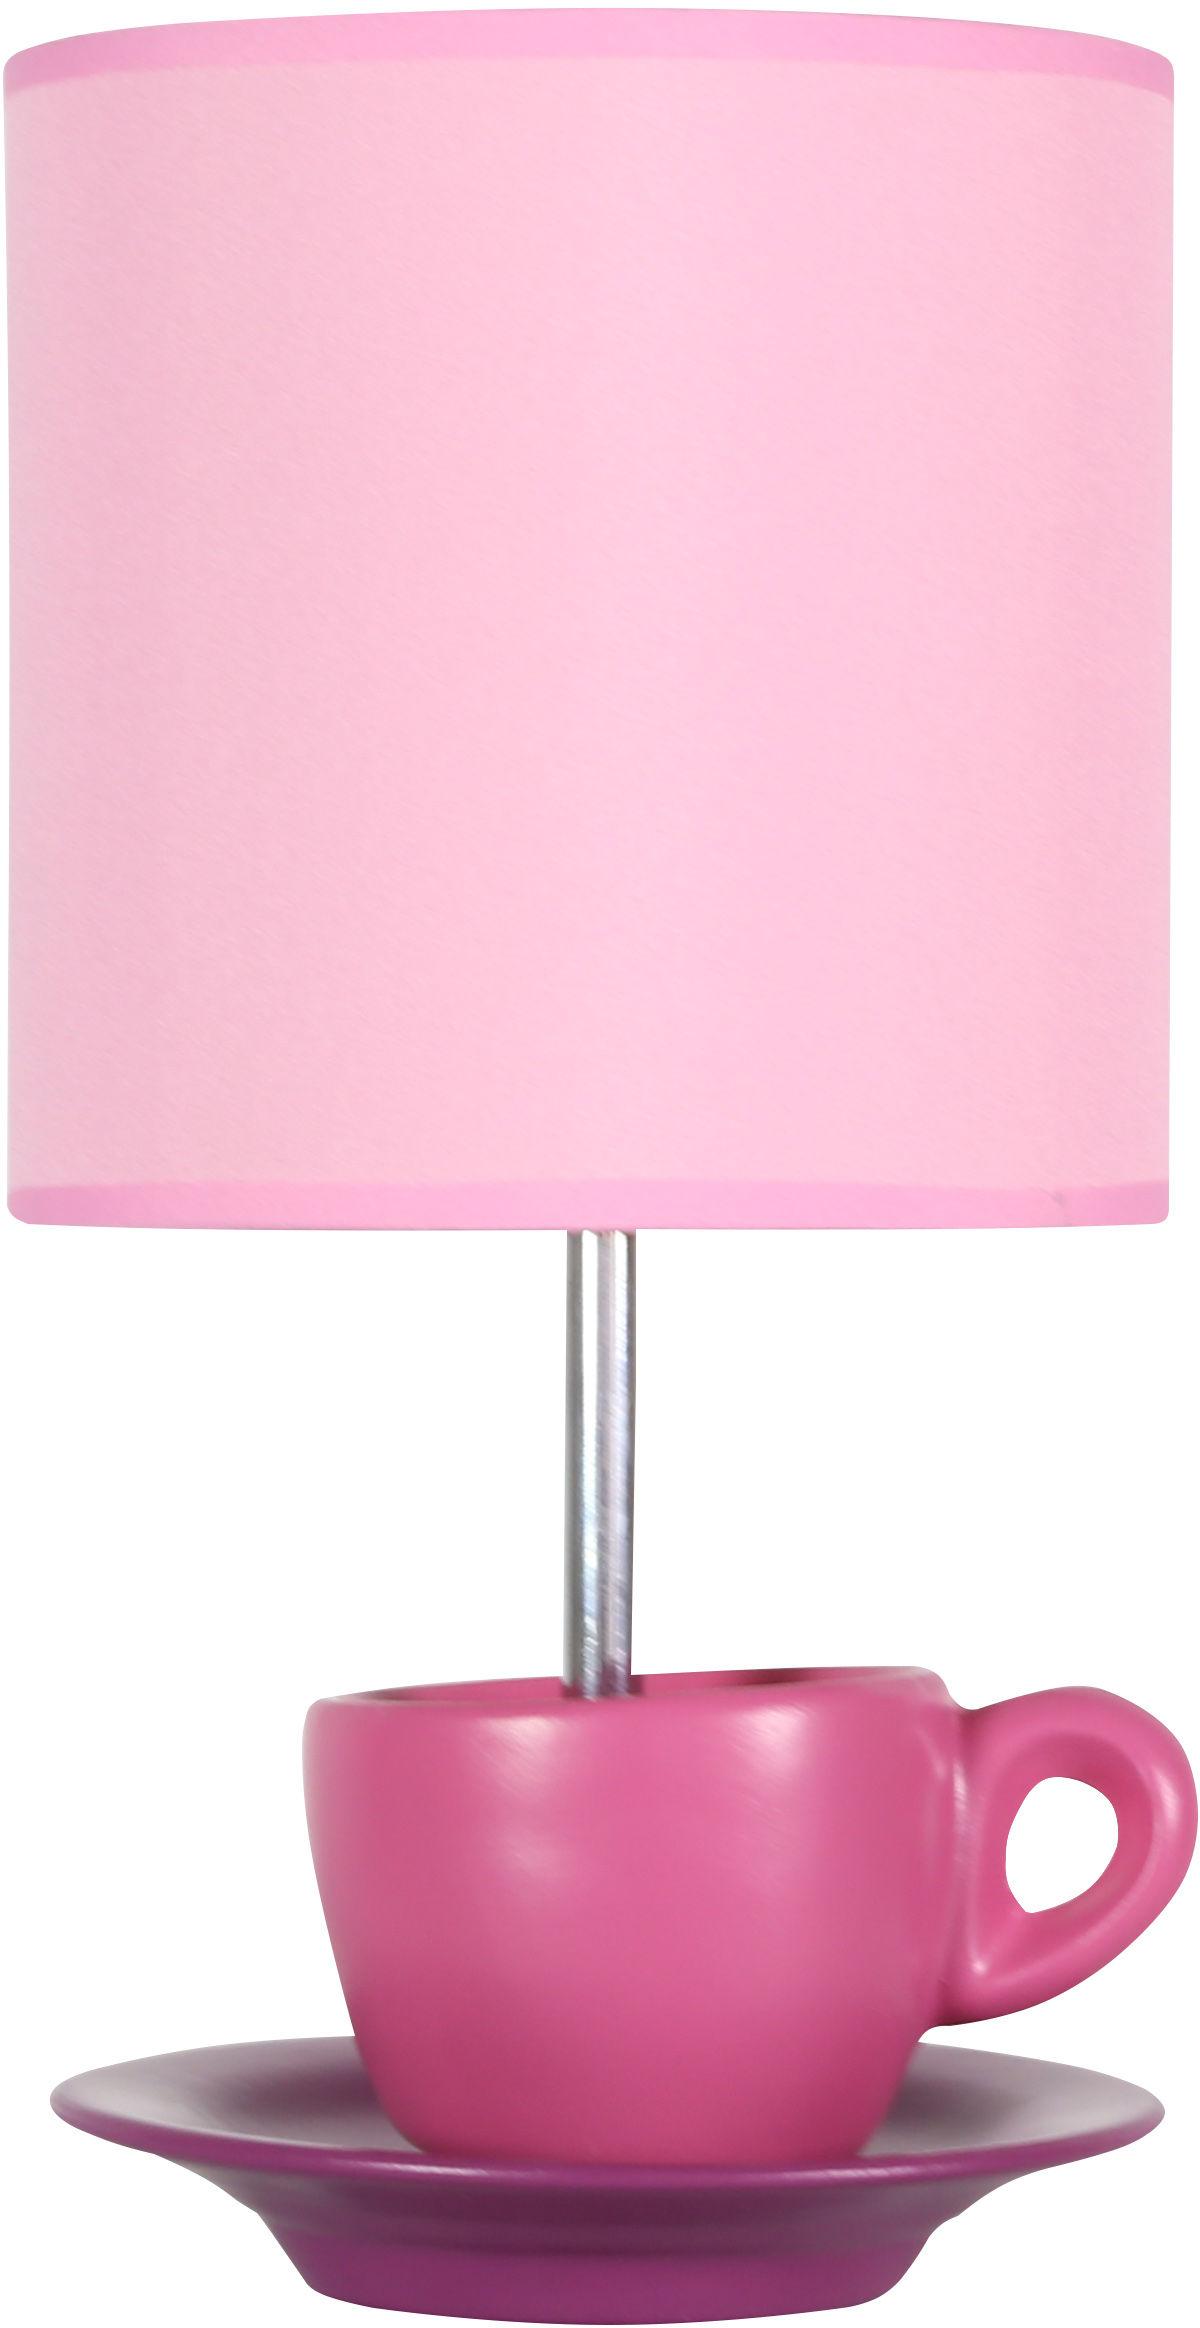 Candellux CYNKA 41-34809 lampa stołowa abażur różowy 1X60W E27 16 cm